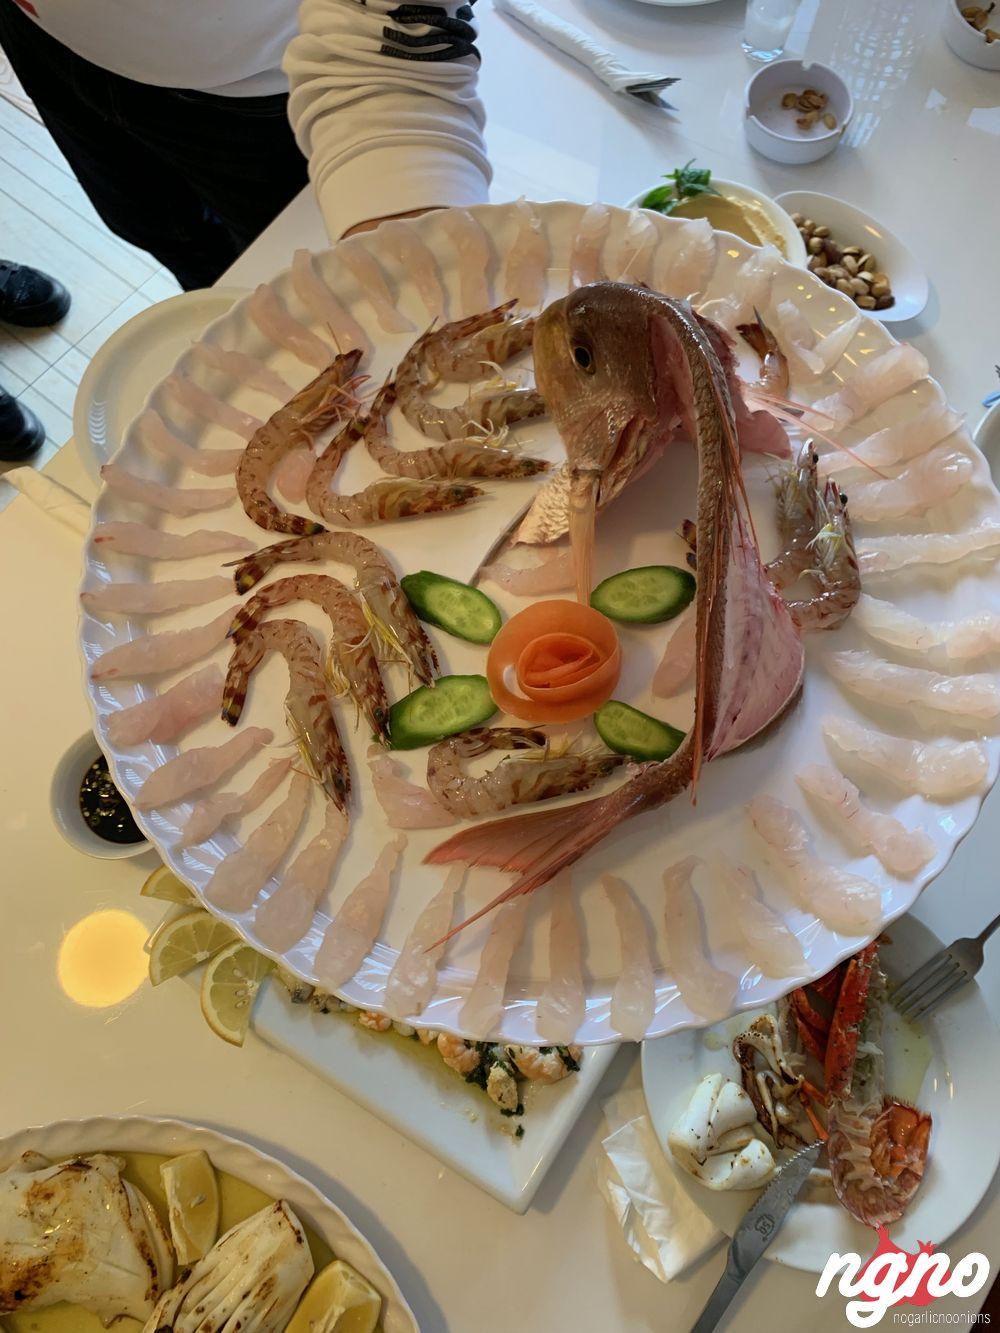 gerge-dayaa-seafood-nogarlicnoonions-542019-02-06-10-18-51